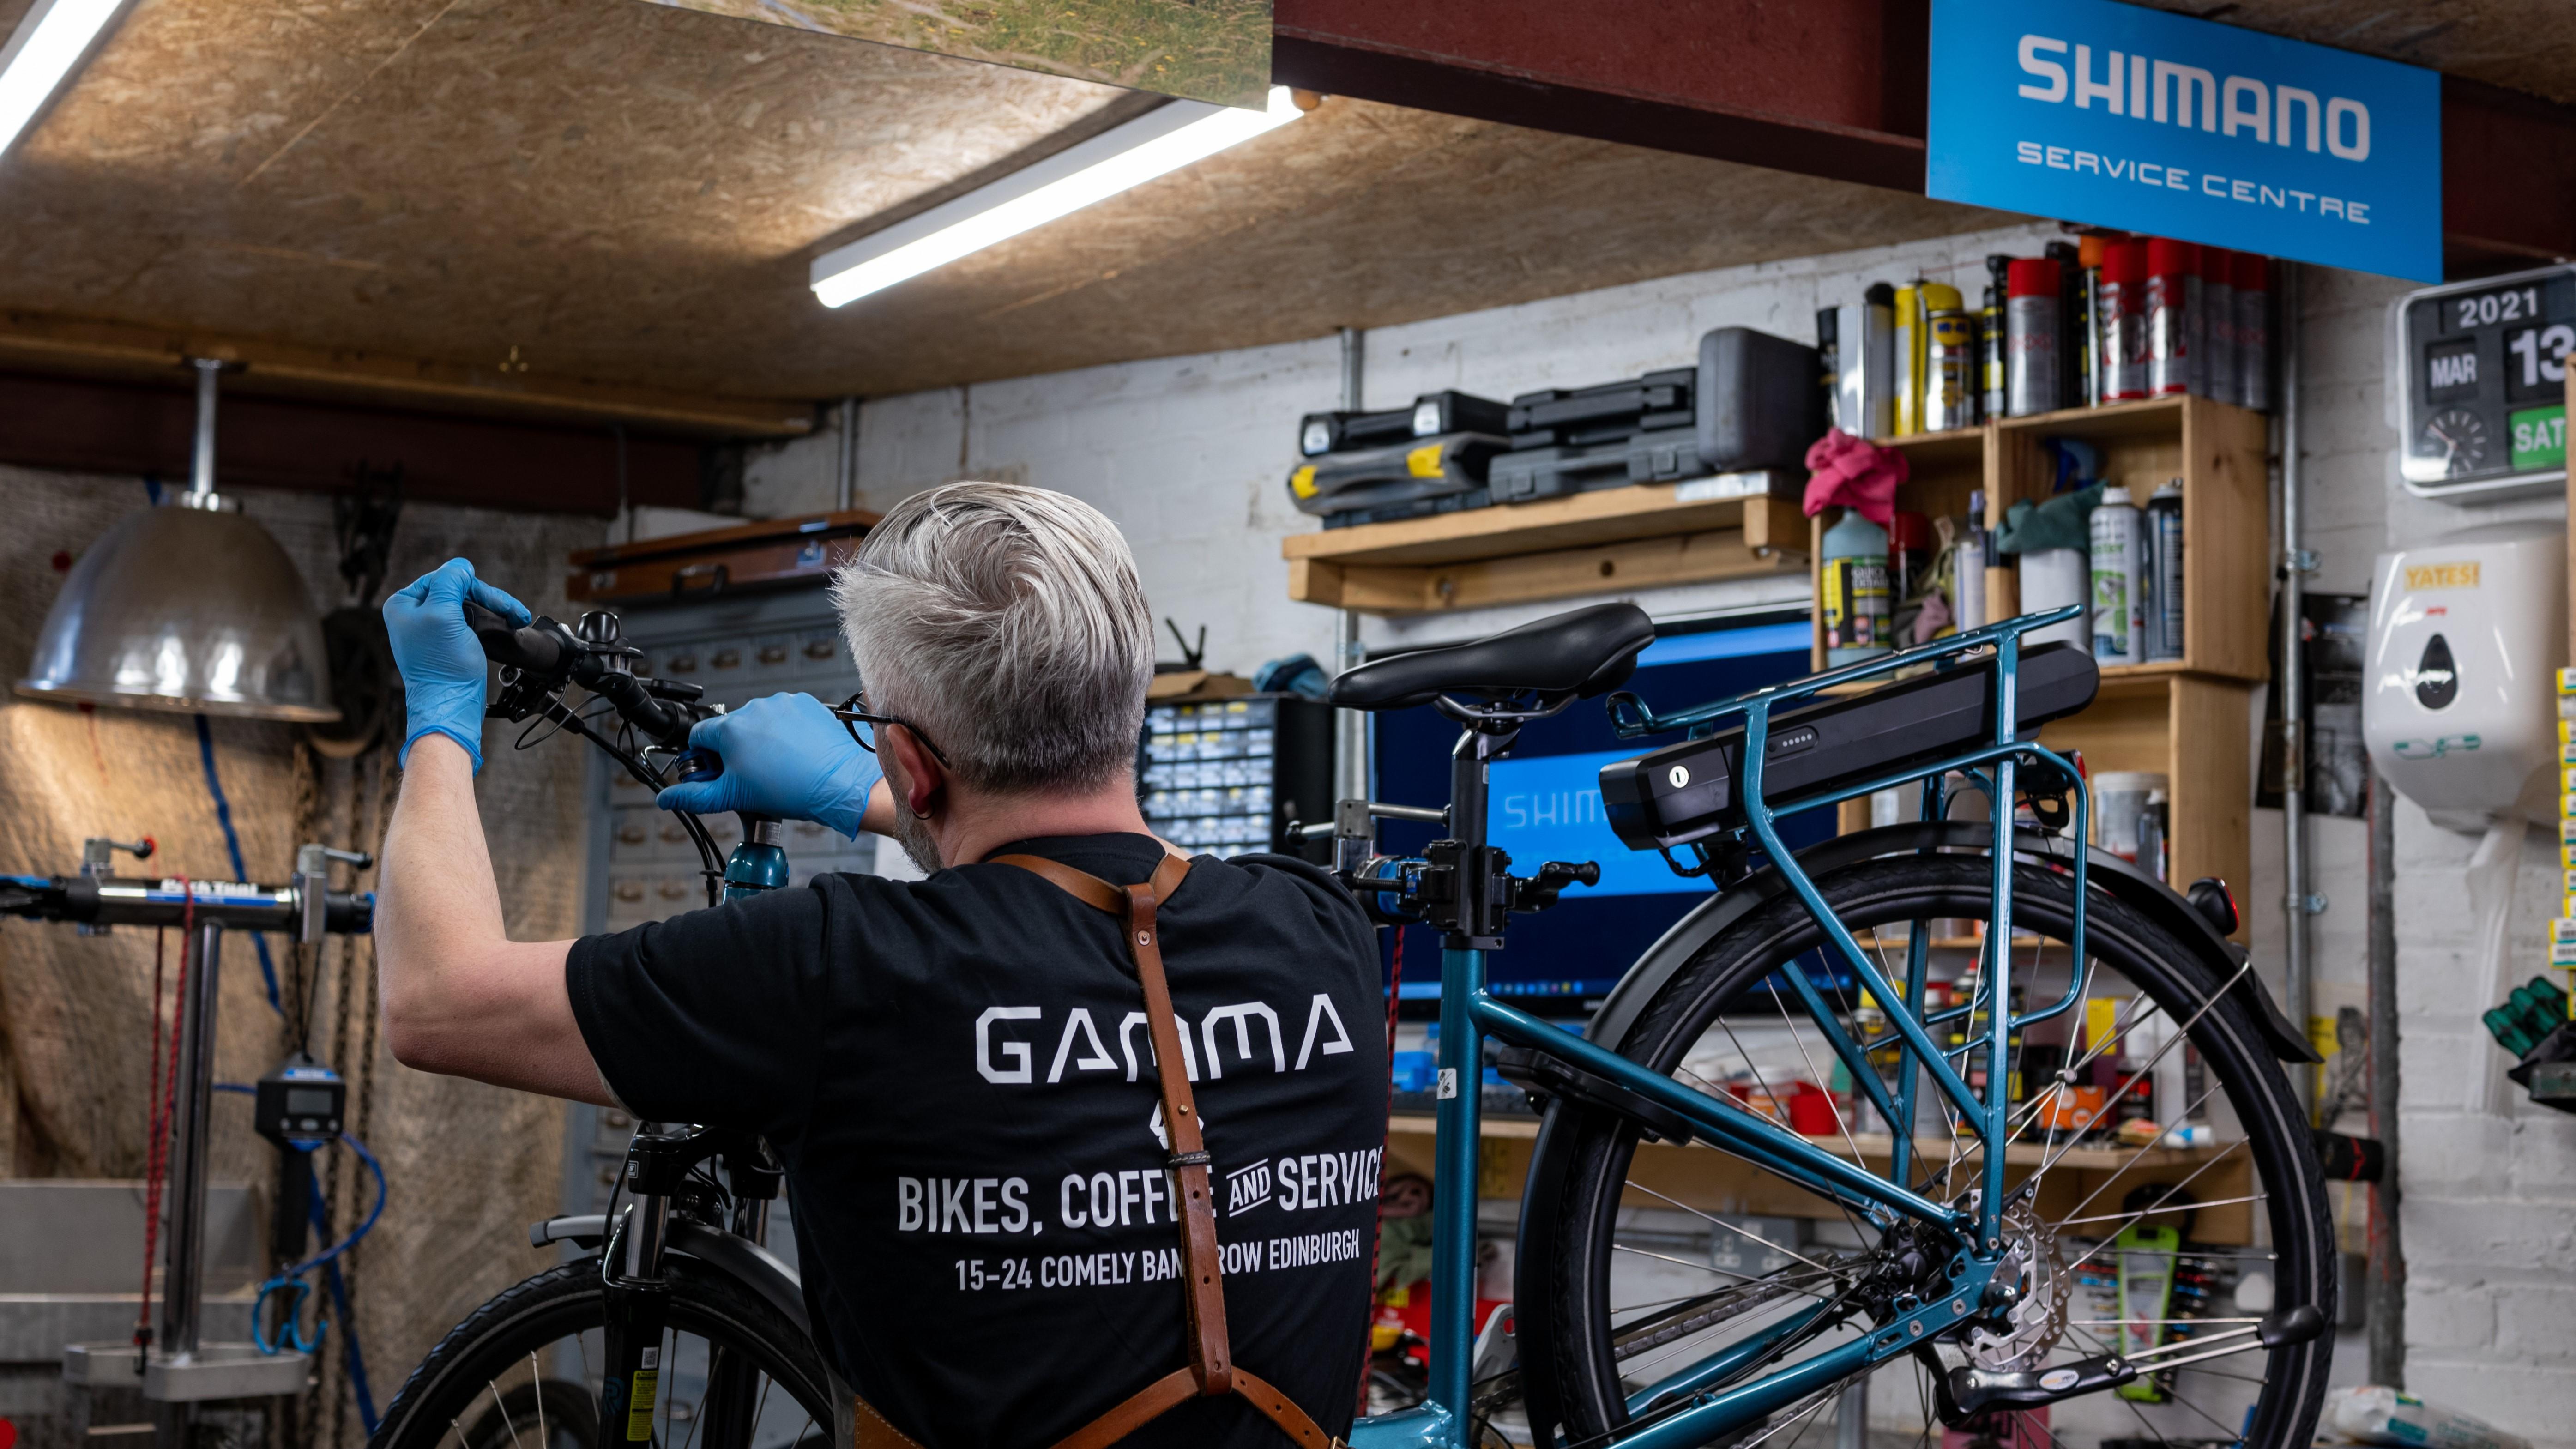 Gavin Brough, Gamma Transfer Division Shimano Service Center